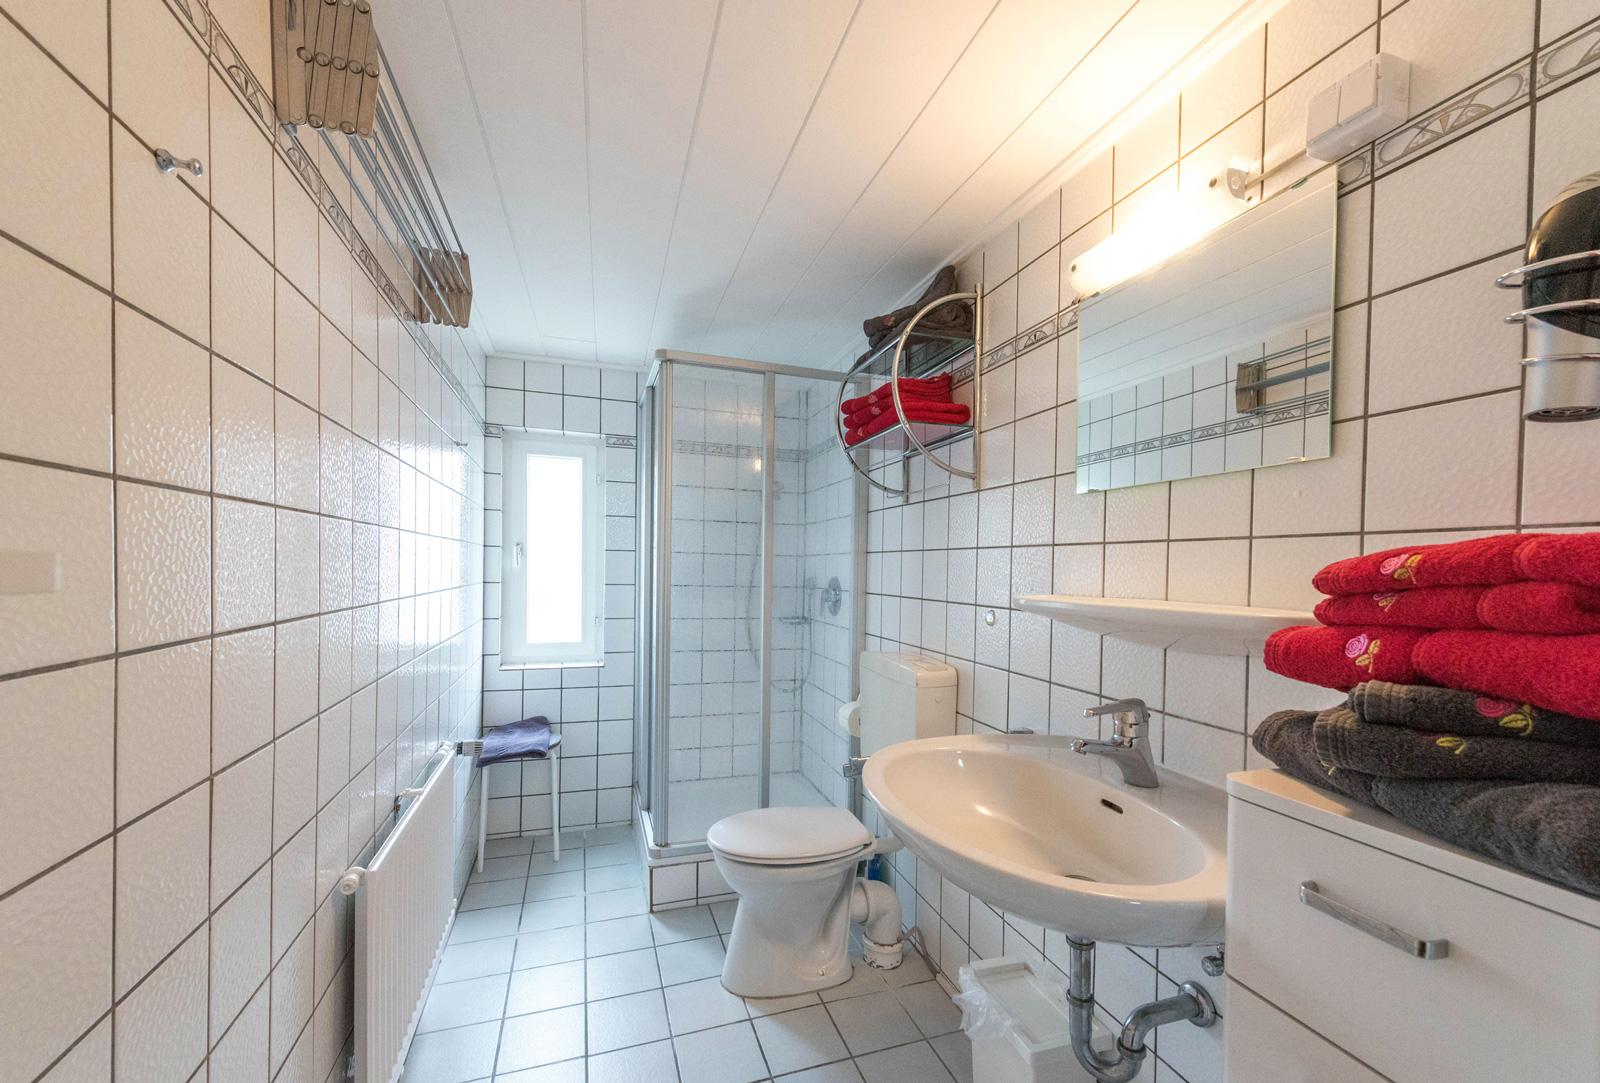 Ferienwohnung Norderney Dornröschen Wohnung 2 Badezimmer, Badezimmer Ideen